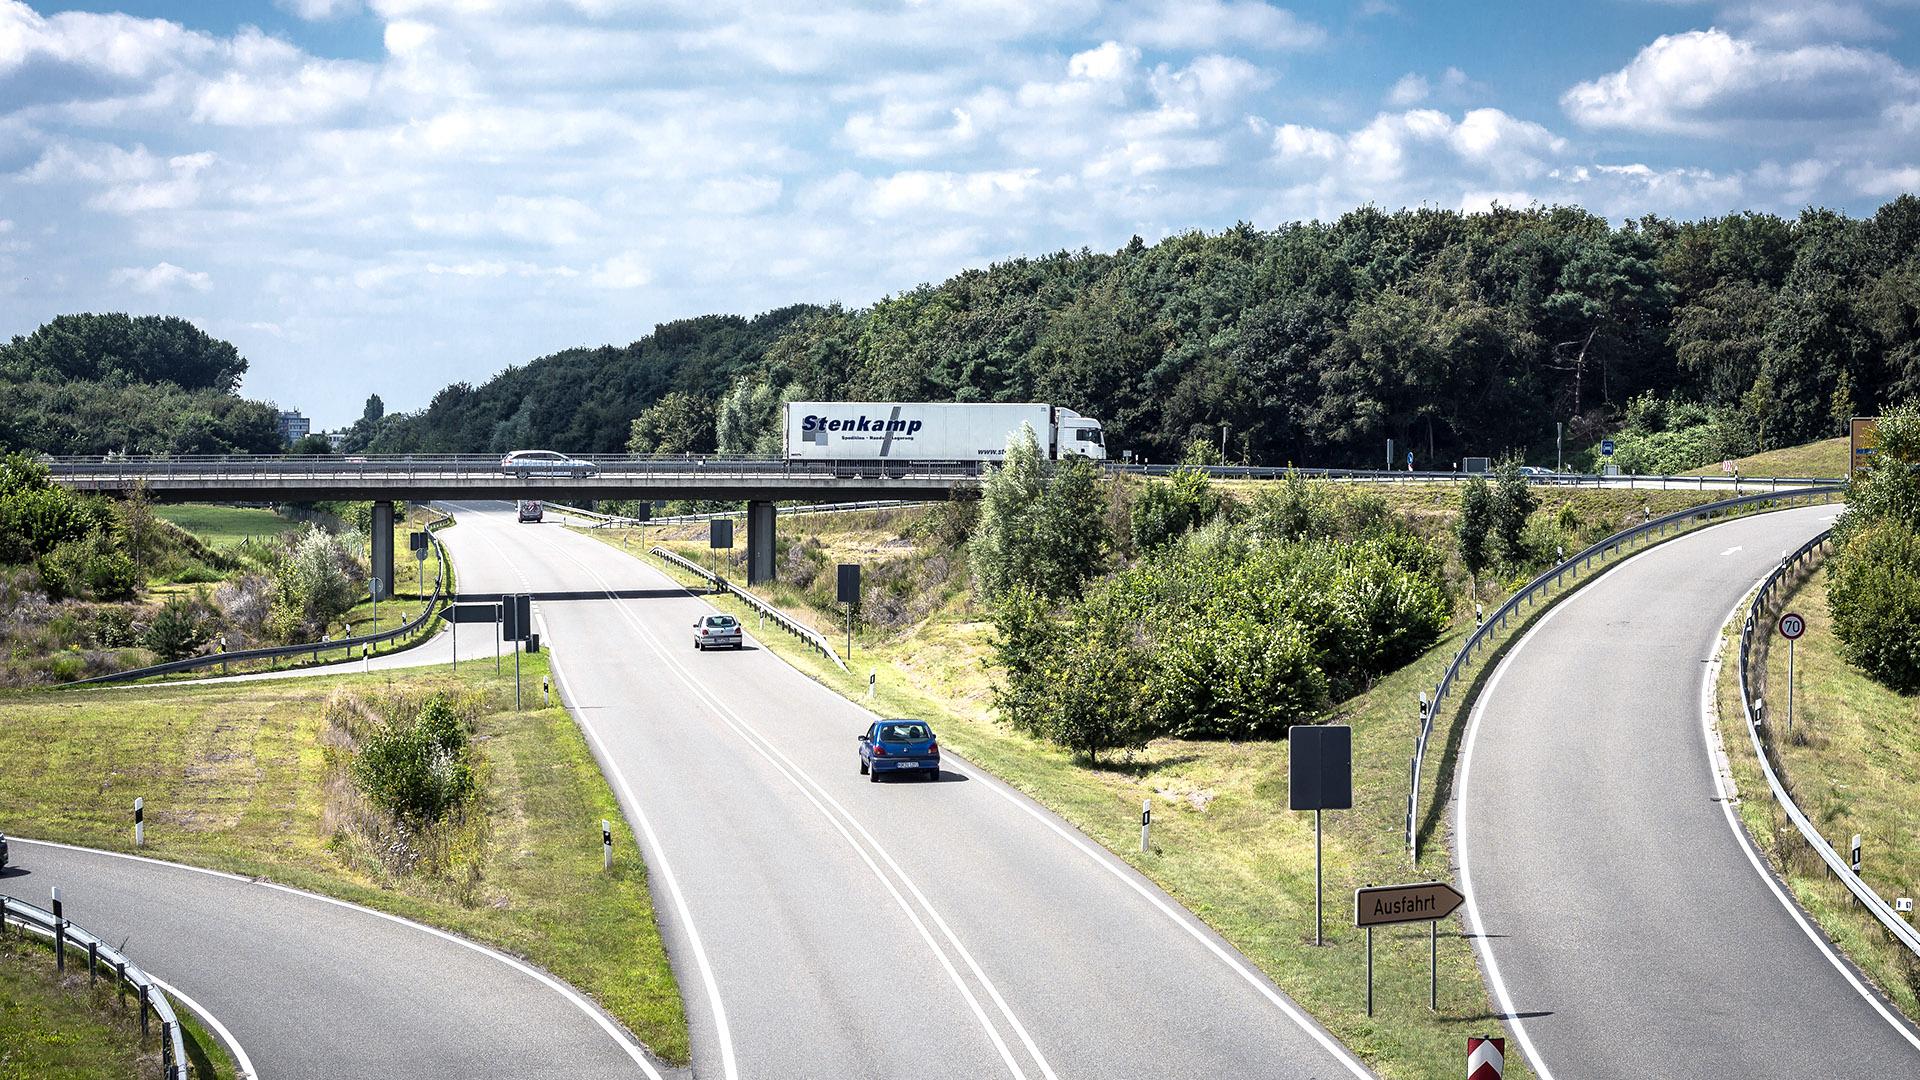 Stenkamp LKW Fahrt Logistik Borken Duisburg Lebensmittel Lager Transport